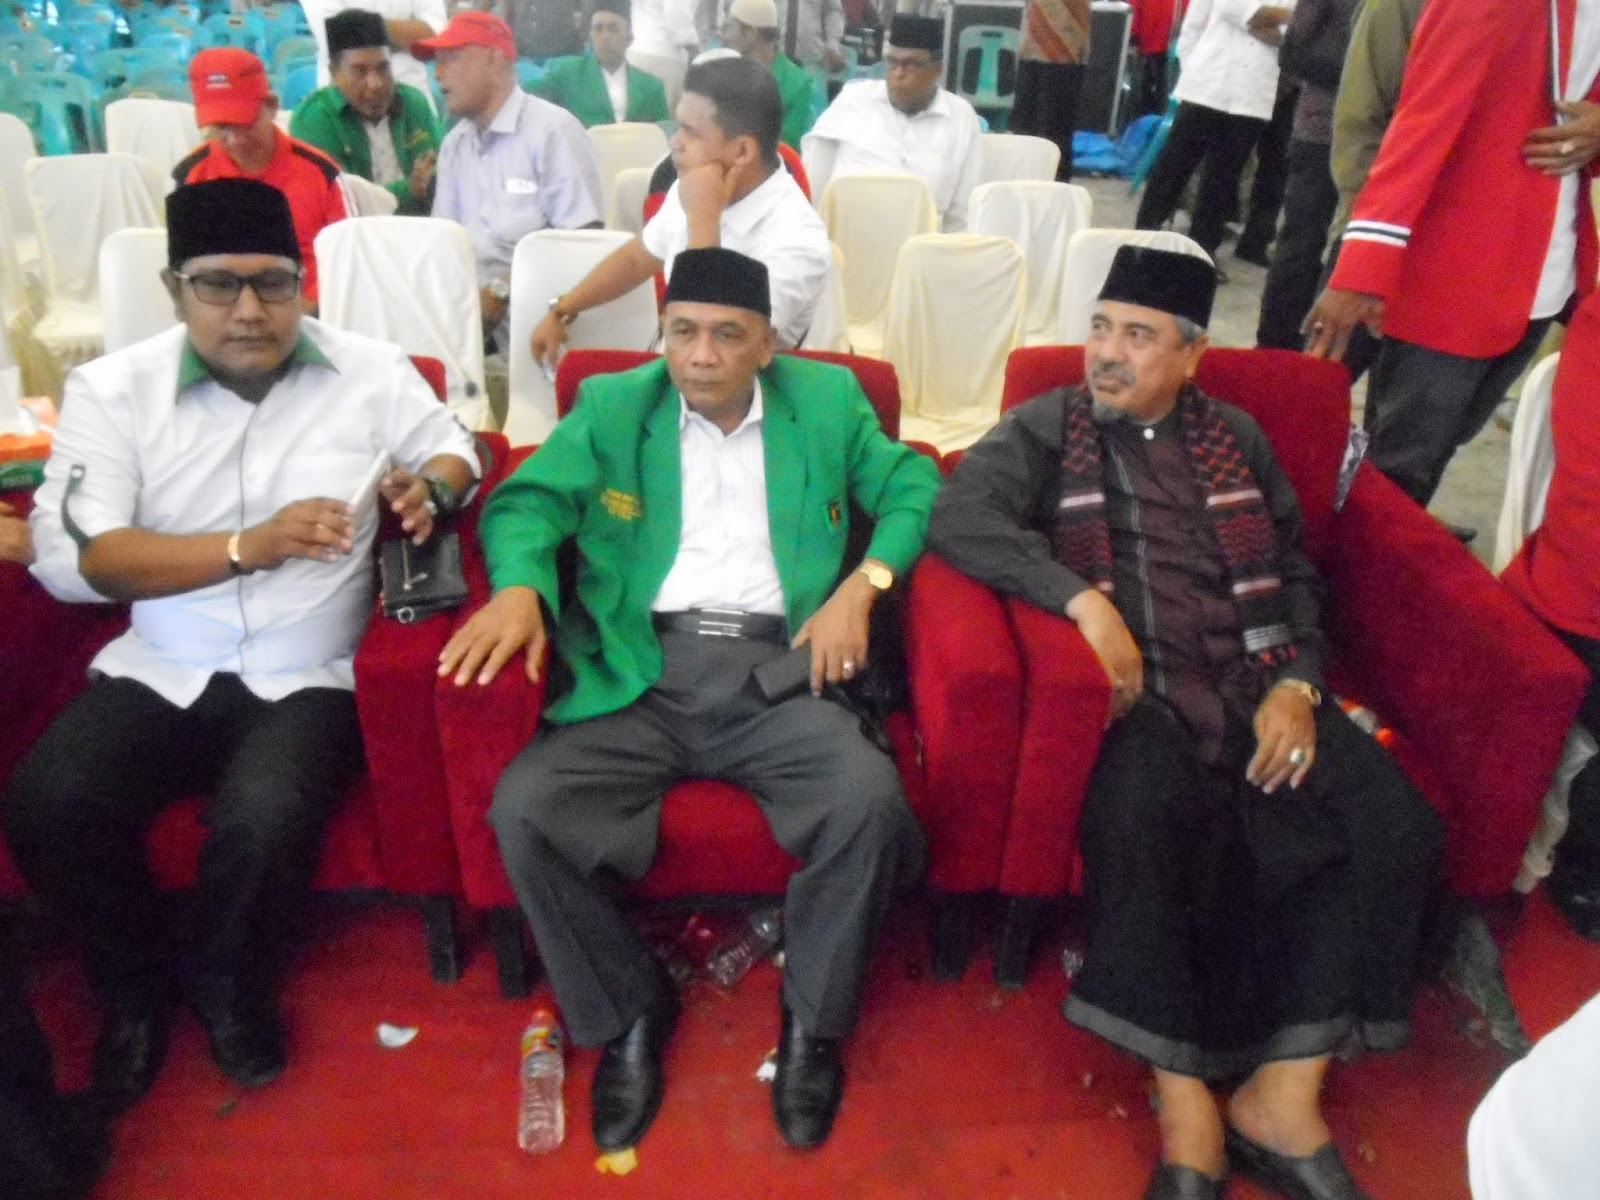 Ketua Ppp Pinterest: Ketua DPW PPP Aceh Faisal Amin Dan Ketua Inshafuddin Aceh